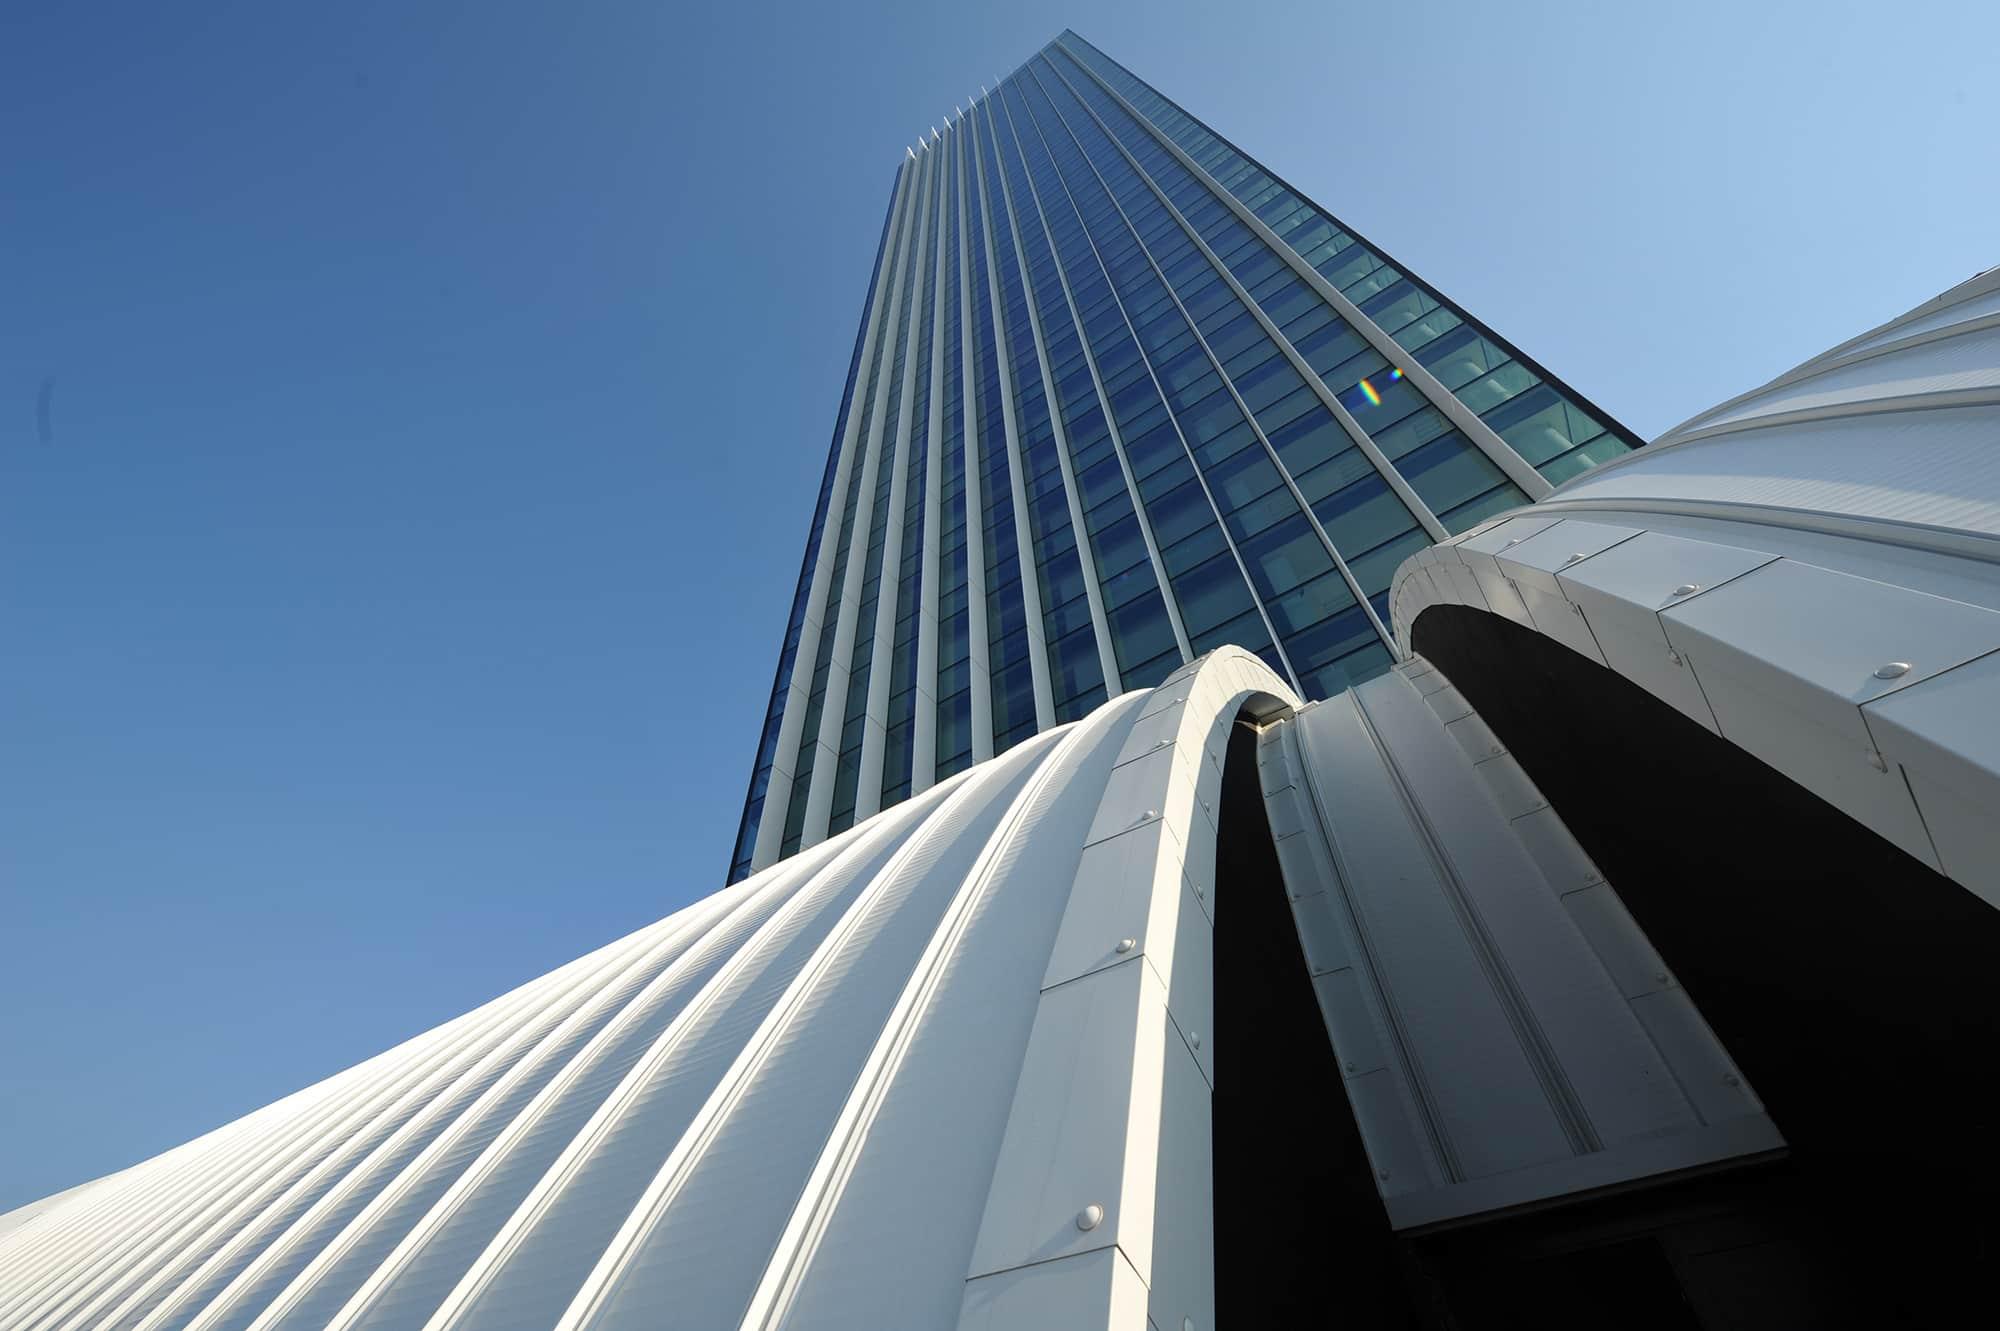 torre-europarco-6_1561722515.jpg